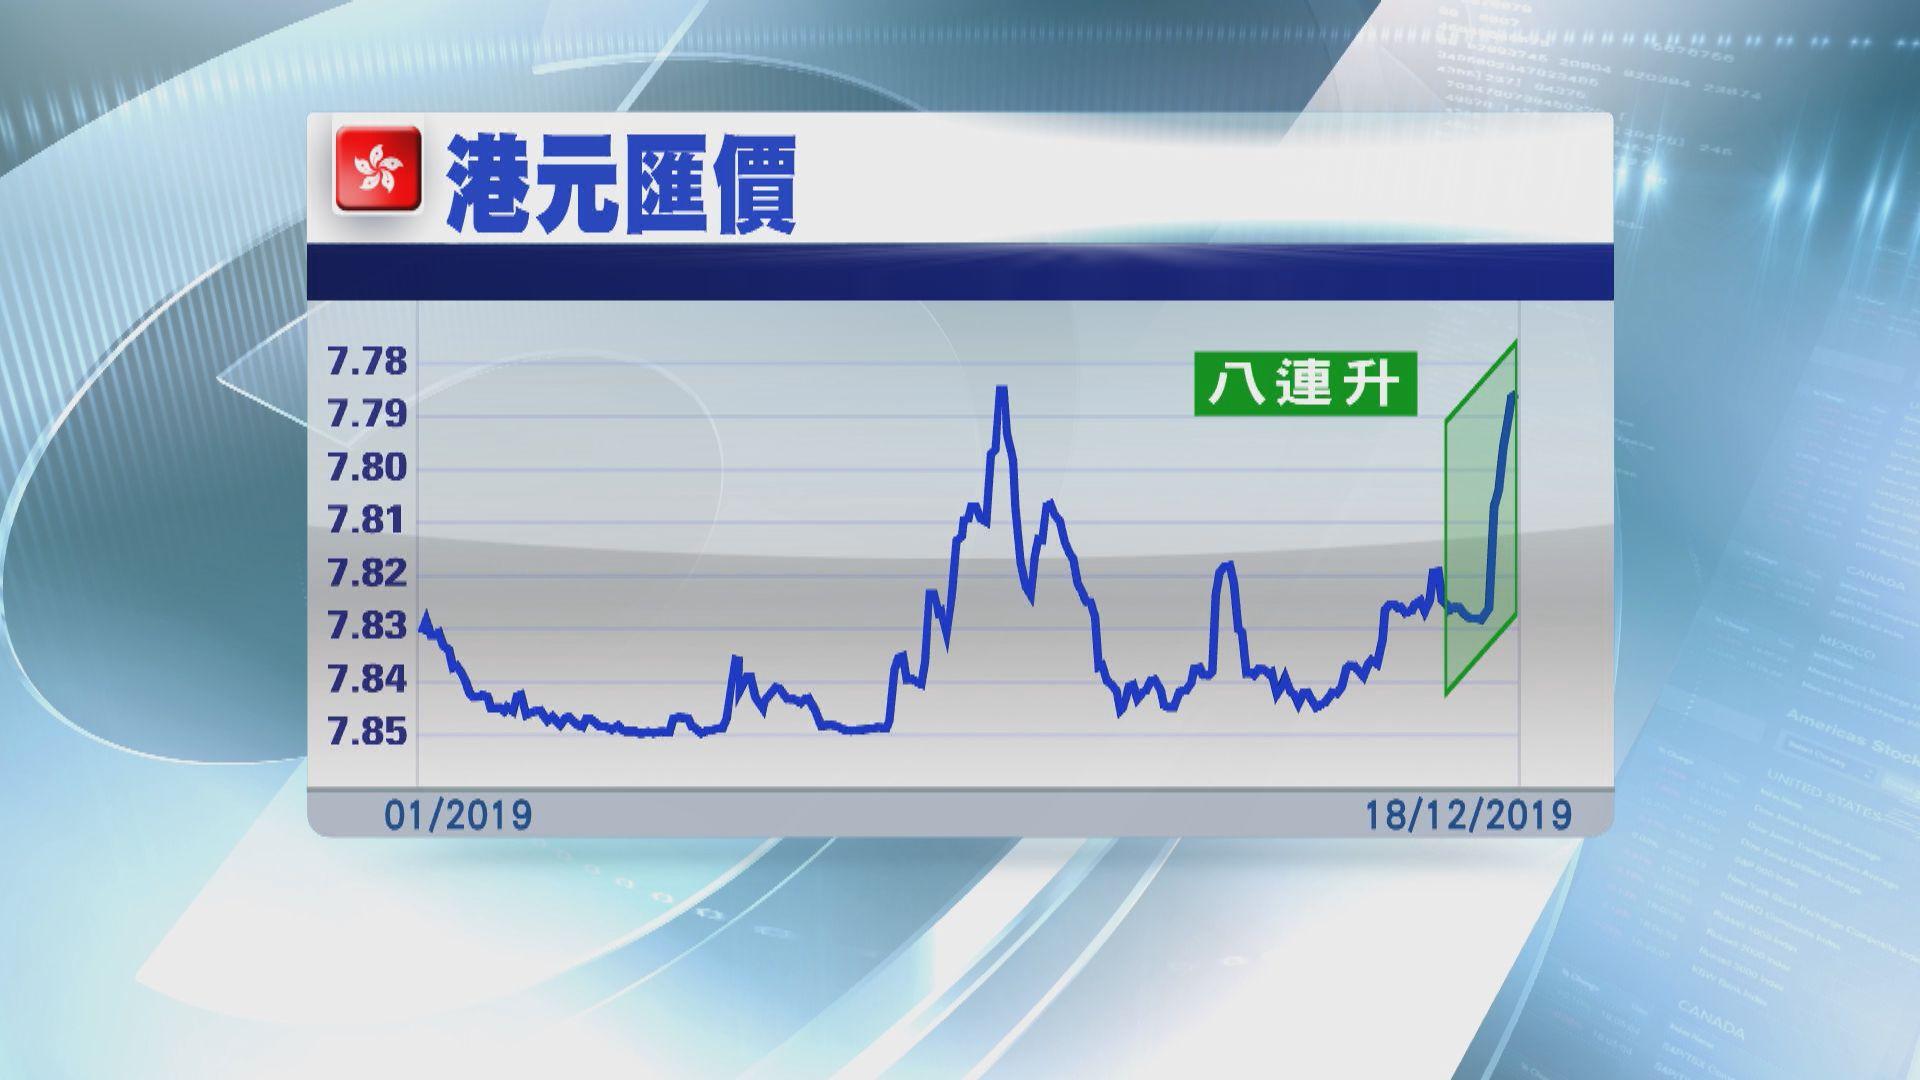 【港元強勢】港元匯價或創逾30年來最長升市